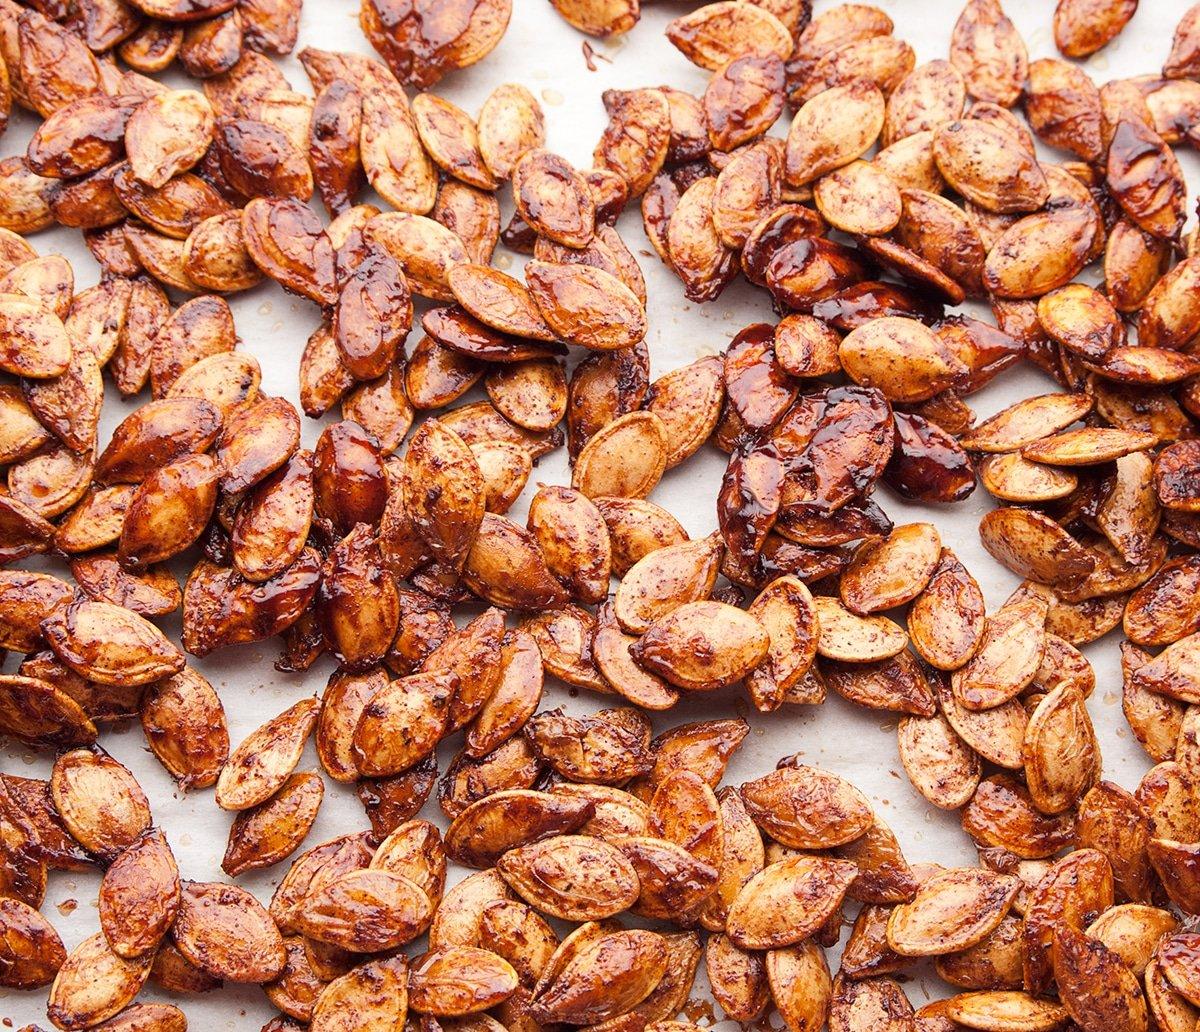 Una teglia foderata di pergamena è ricoperta di semi di zucca arrostiti ricoperti di sciroppo d'acero e spezie, un modo delizioso per utilizzare i semi rimanenti dell'intaglio della zucca.  Punto di vista alto: guardare in basso.